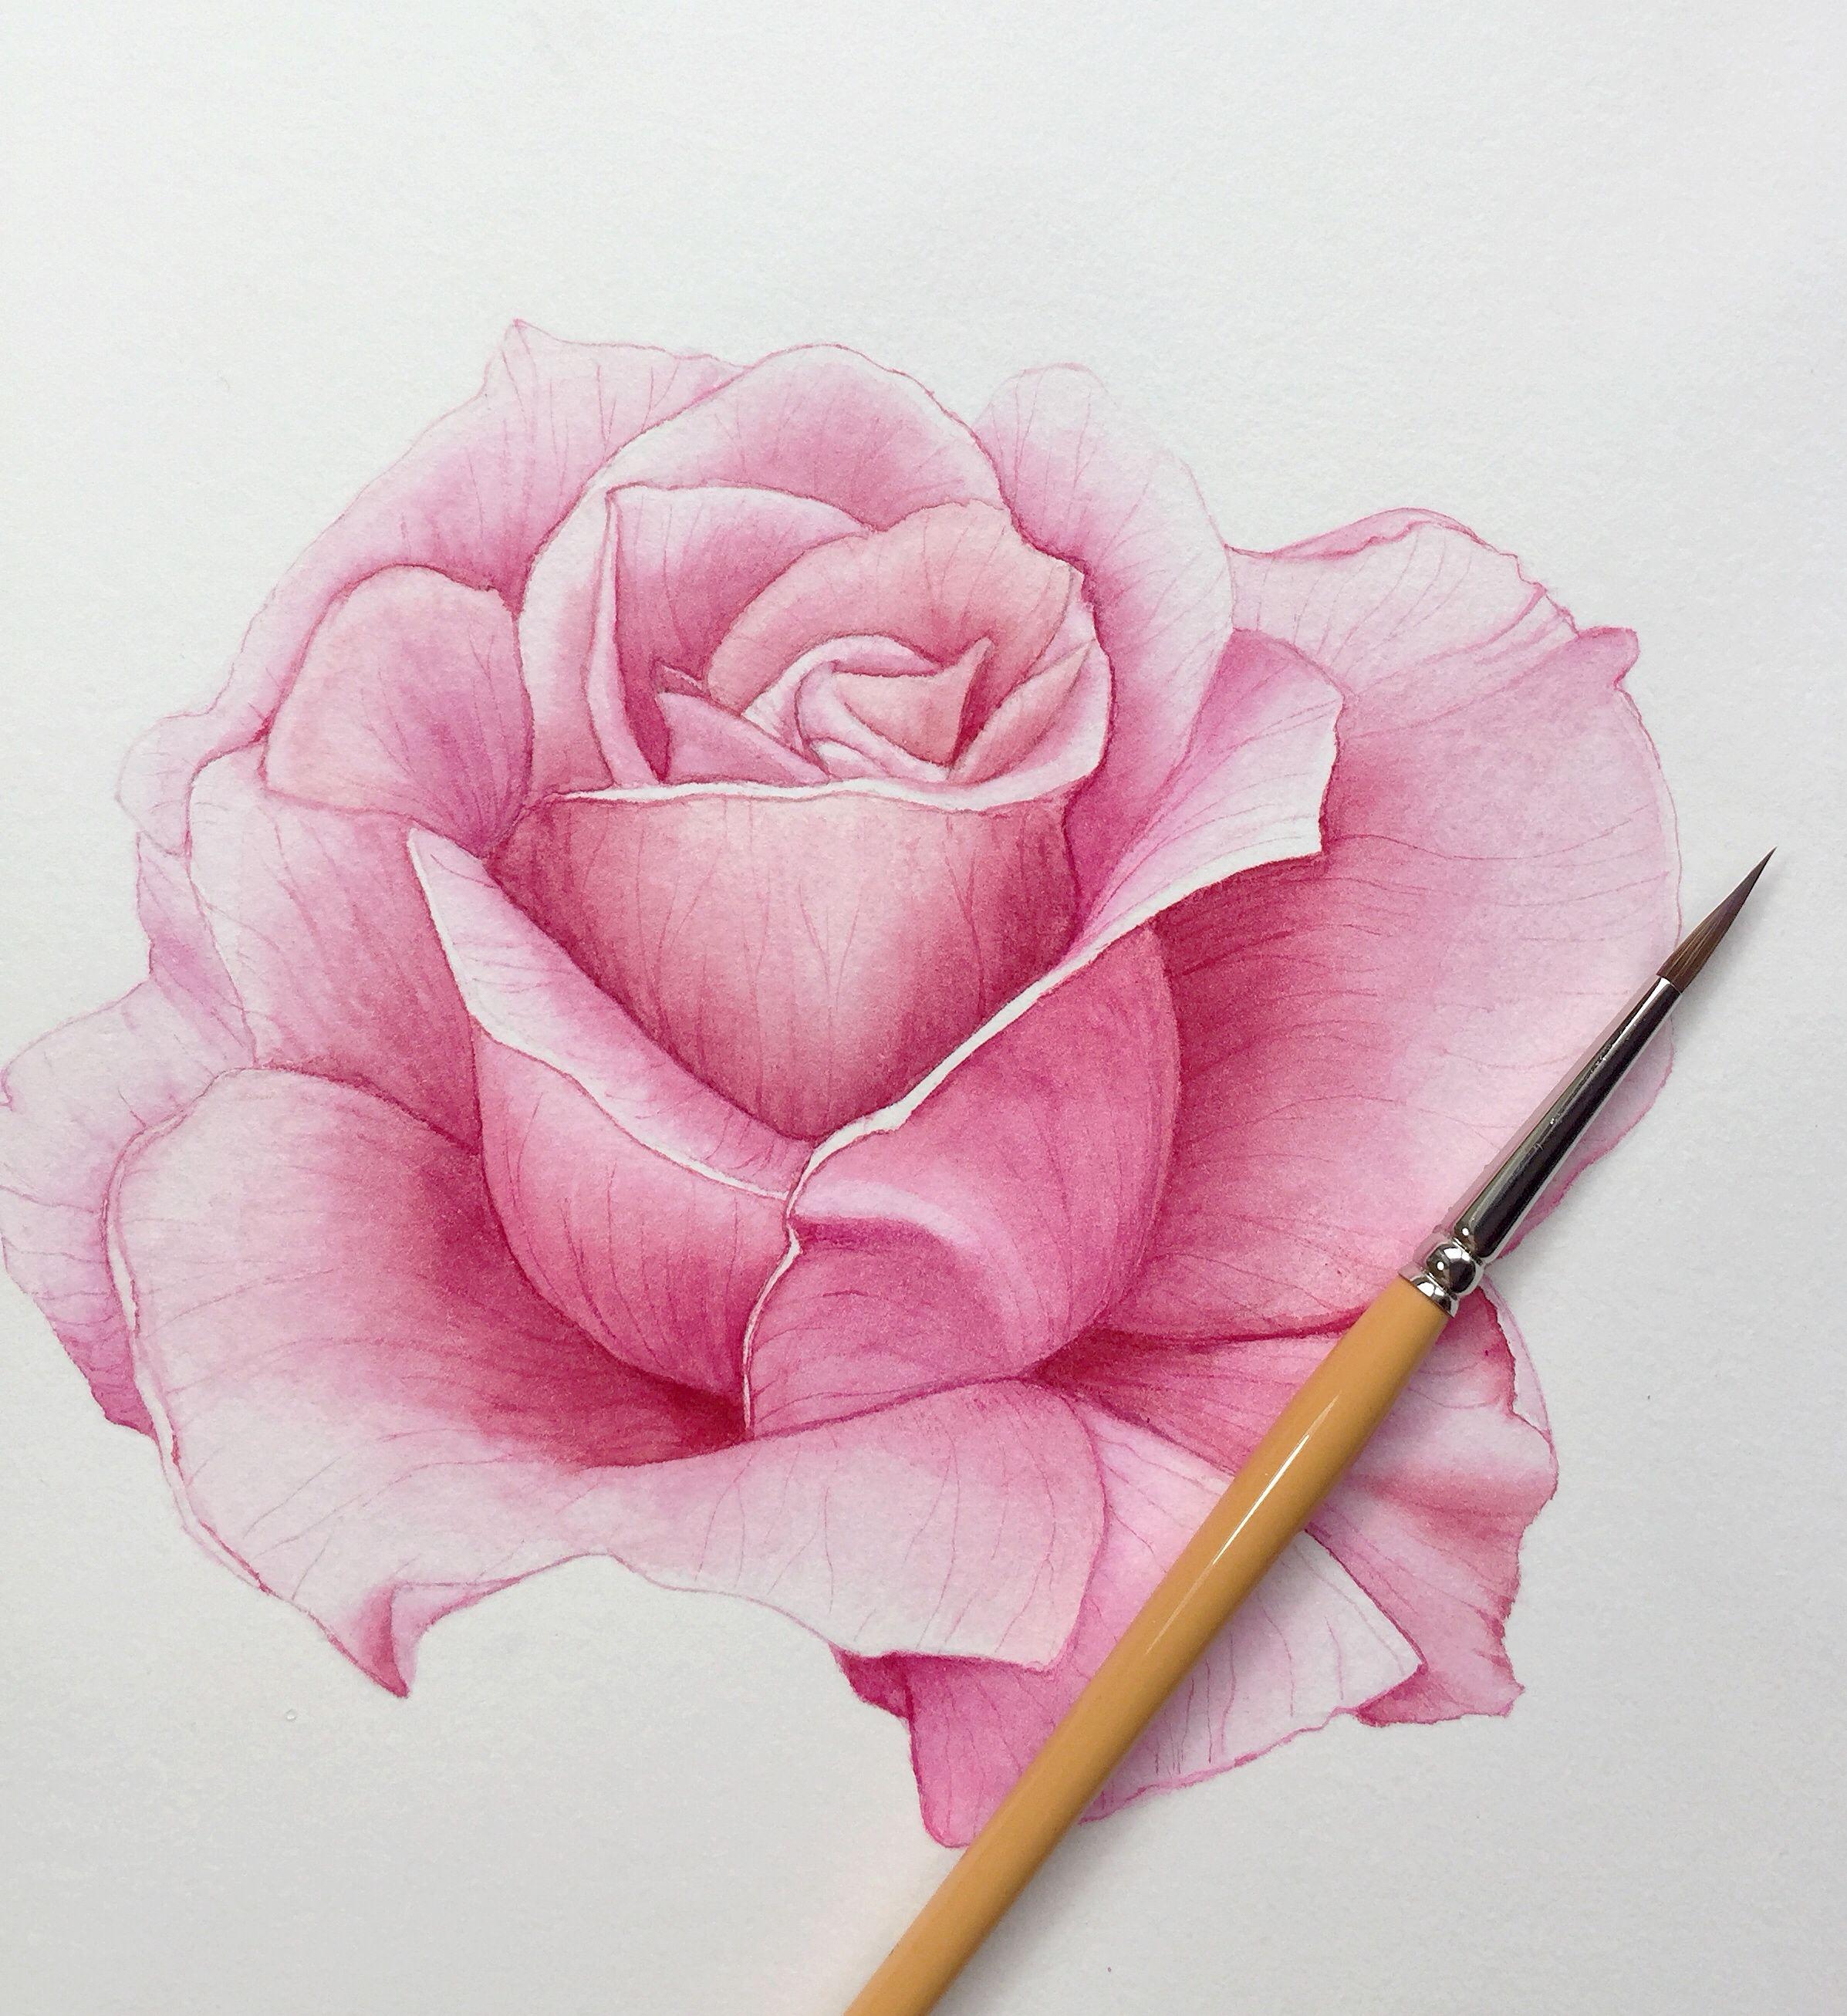 Pin De Rosangela Donin Em Estudo De Rosas Arte Em Aquarela